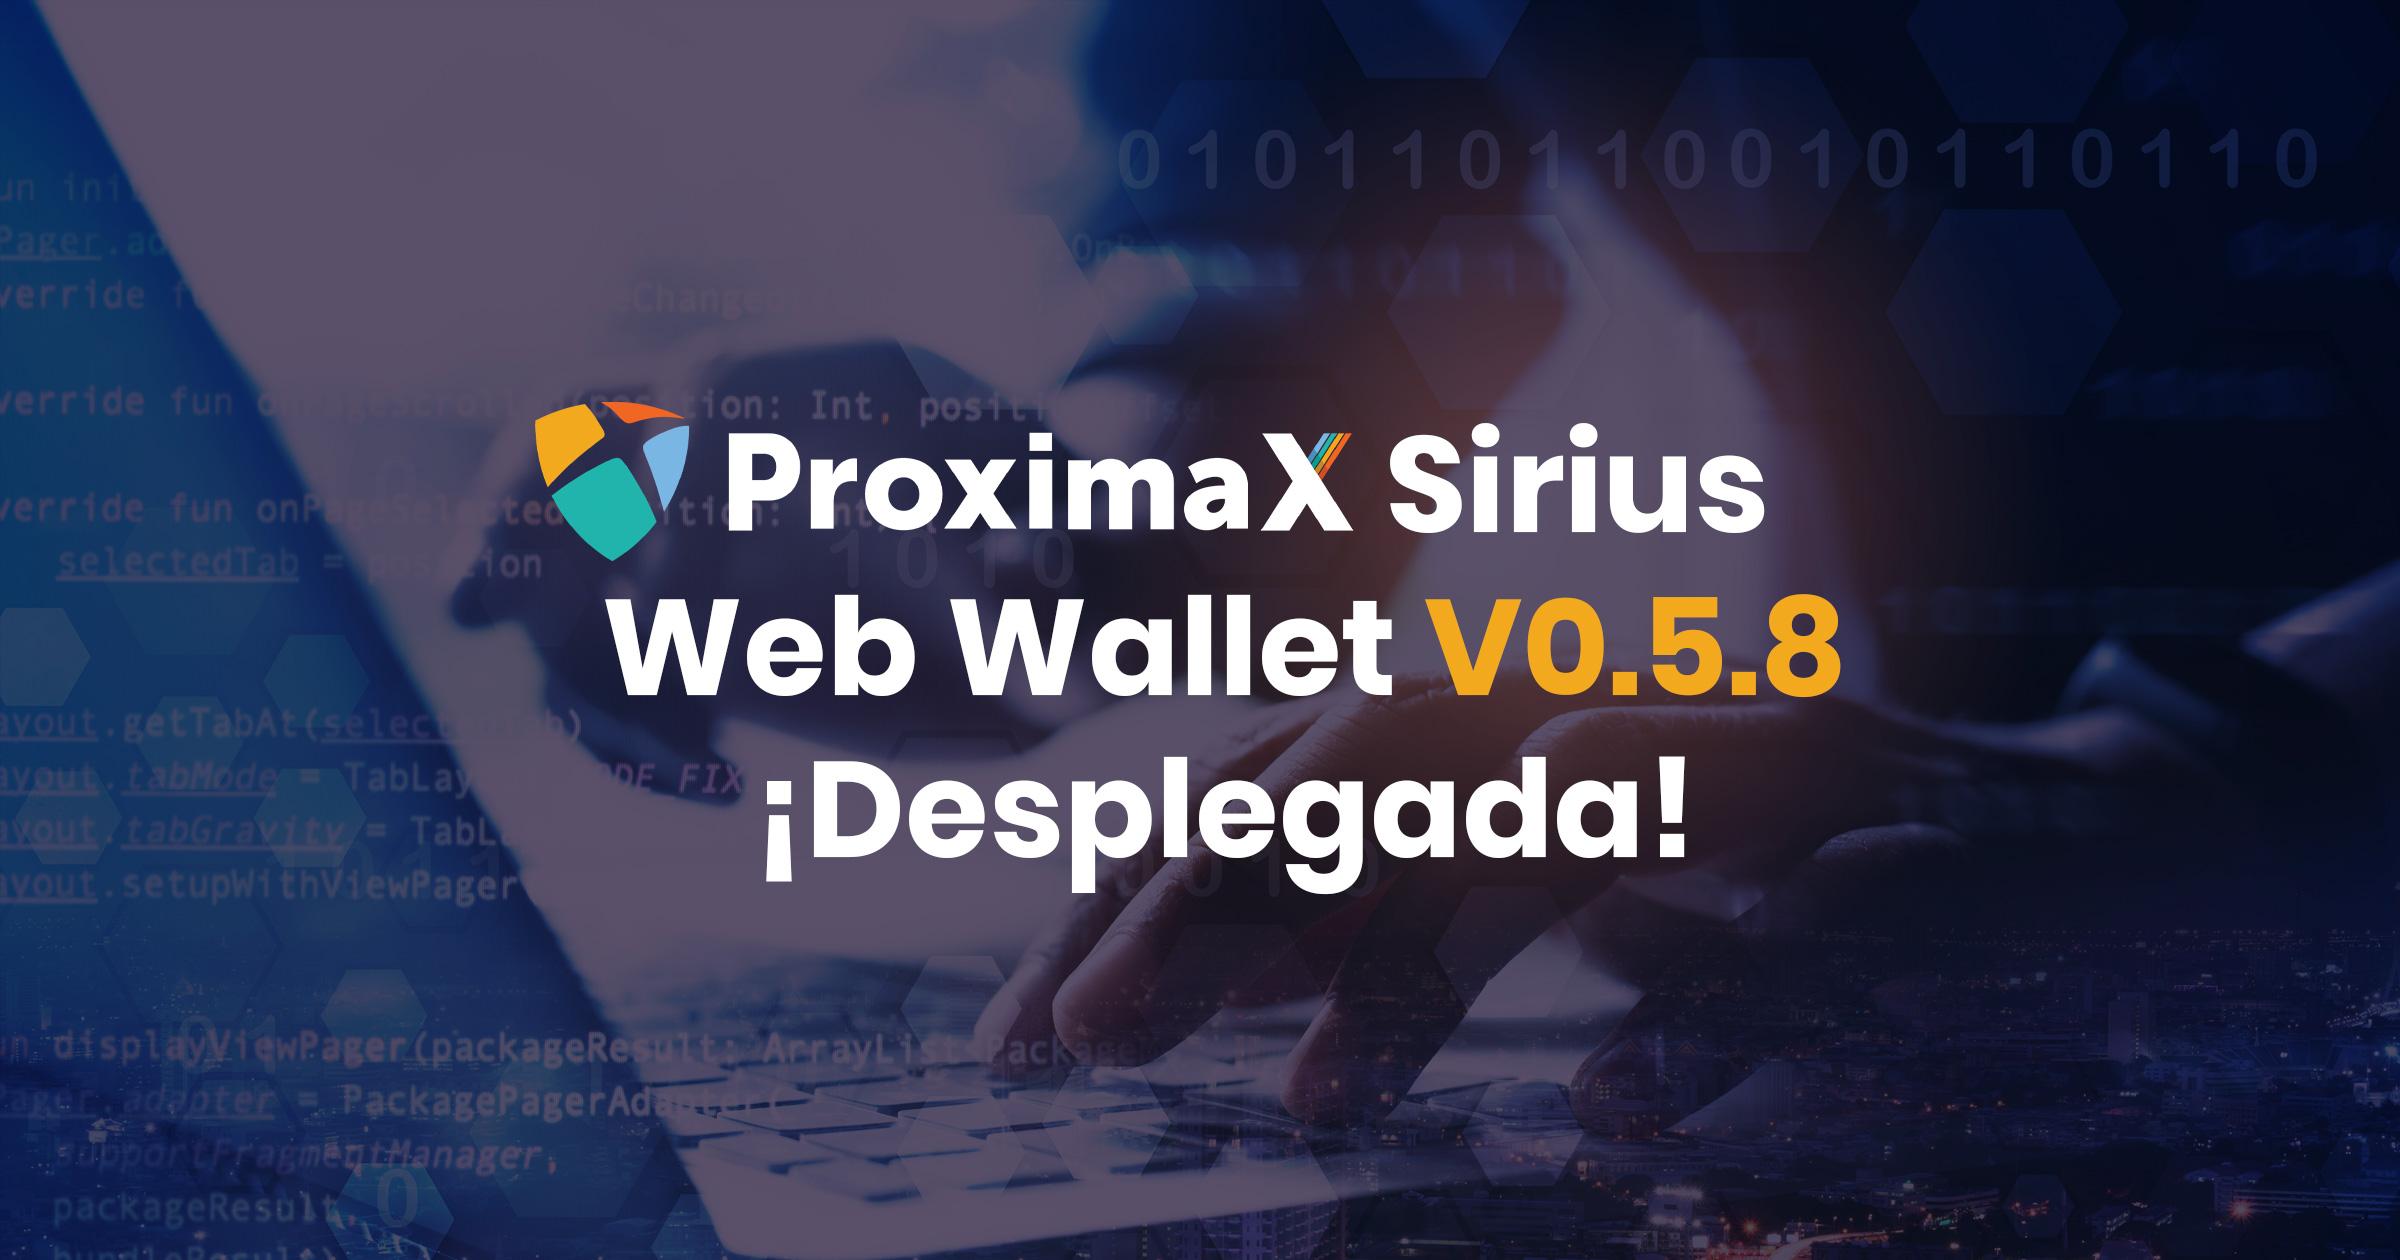 ProximaX despliega la versión 0.5.8 de su Sirius Web Wallet